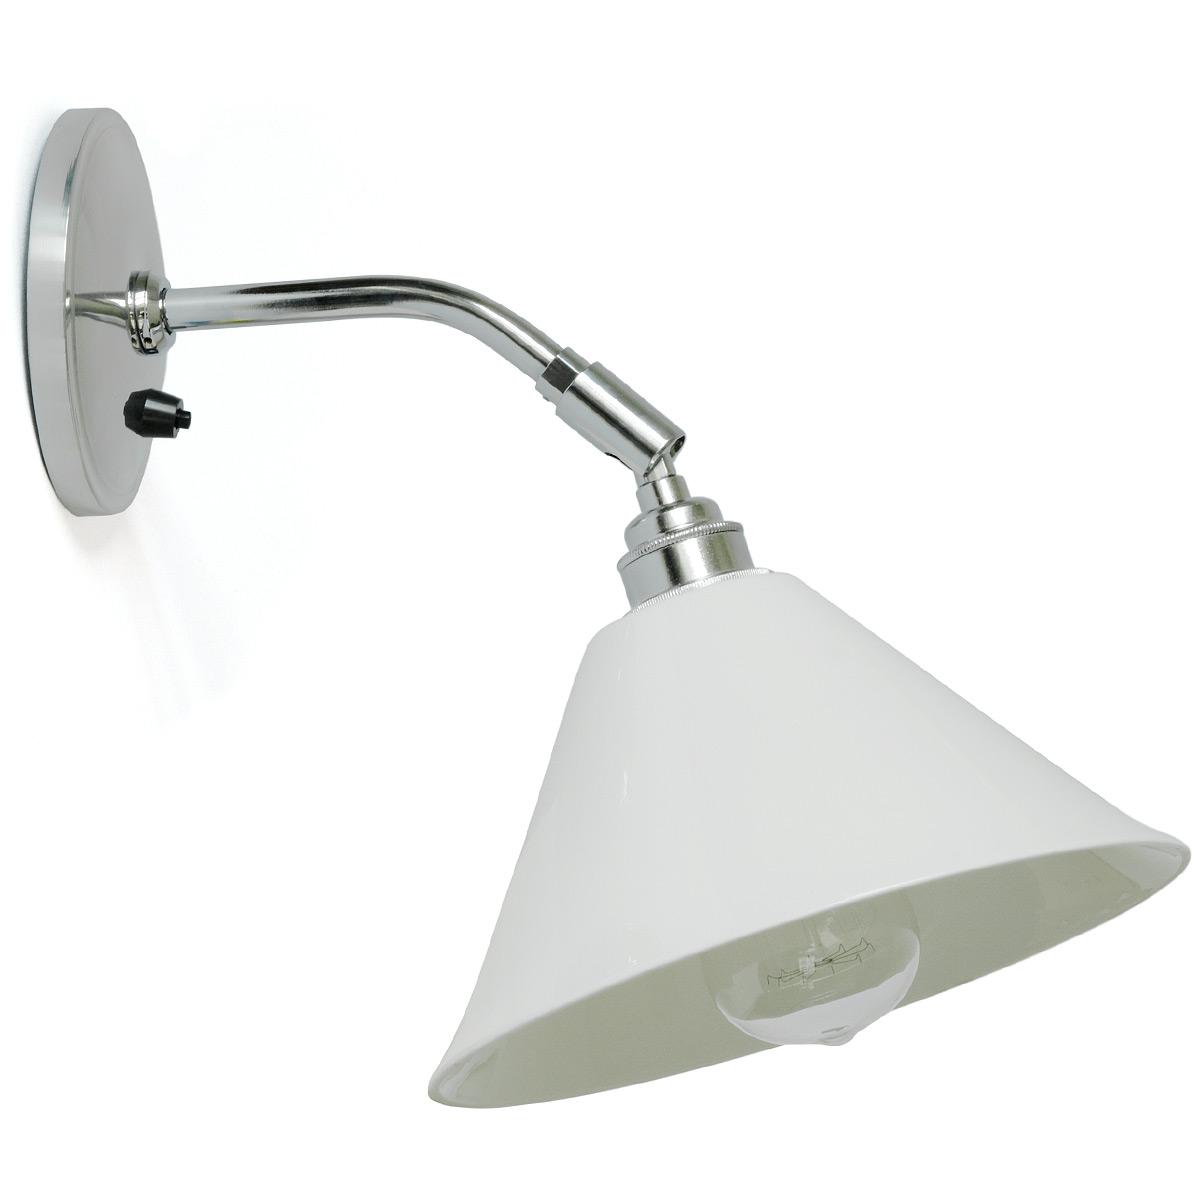 Kleine keramik wandlampe mit gelenkarm task casa lumi - Schwenkbare wandleuchte mit gelenkarm ...